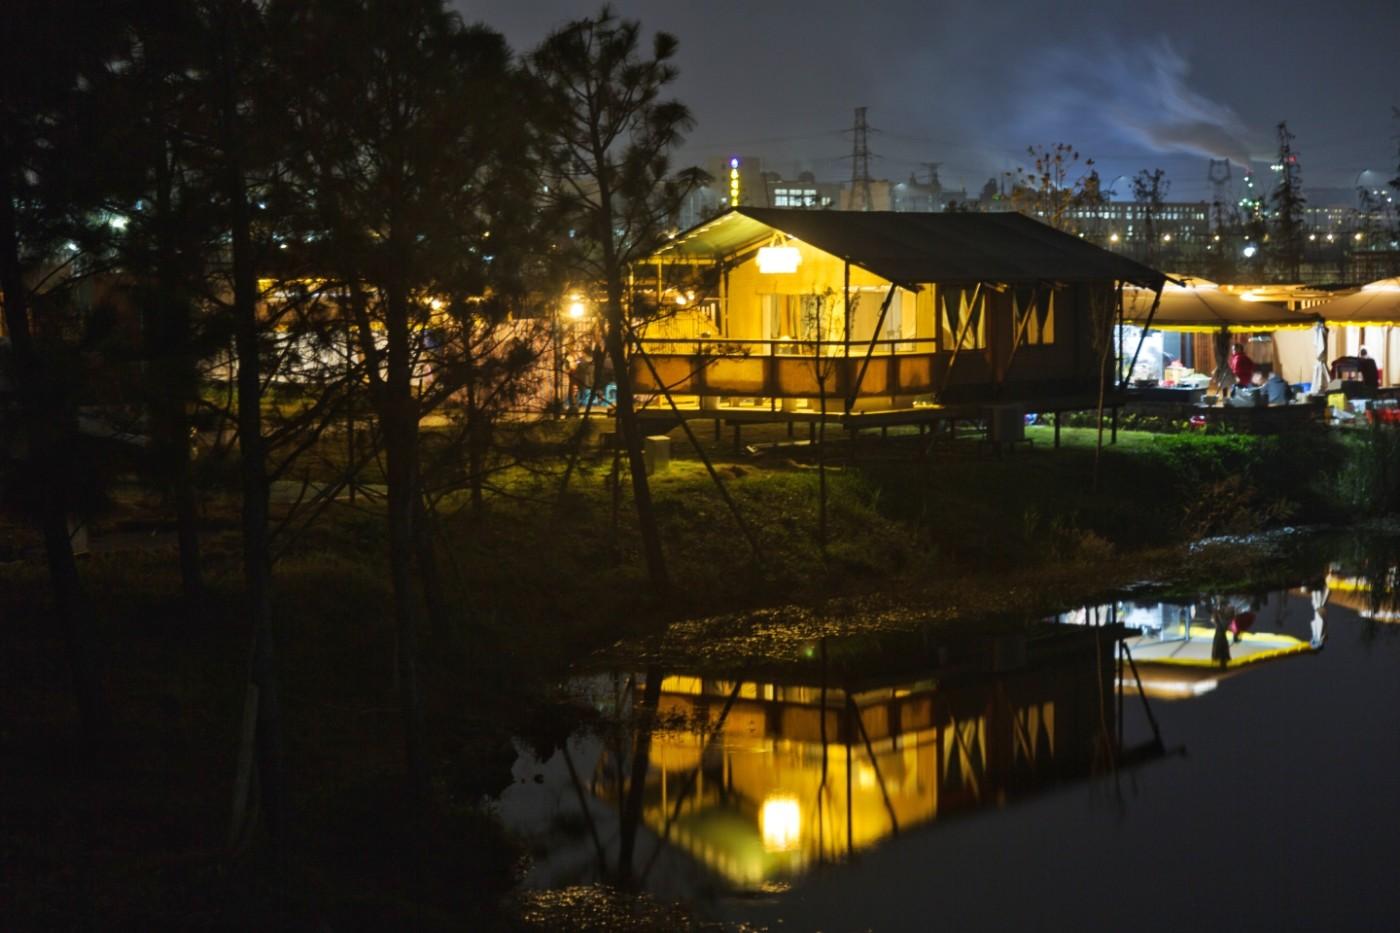 喜马拉雅野奢帐篷酒店—浙江留香之家露营地(54平)19